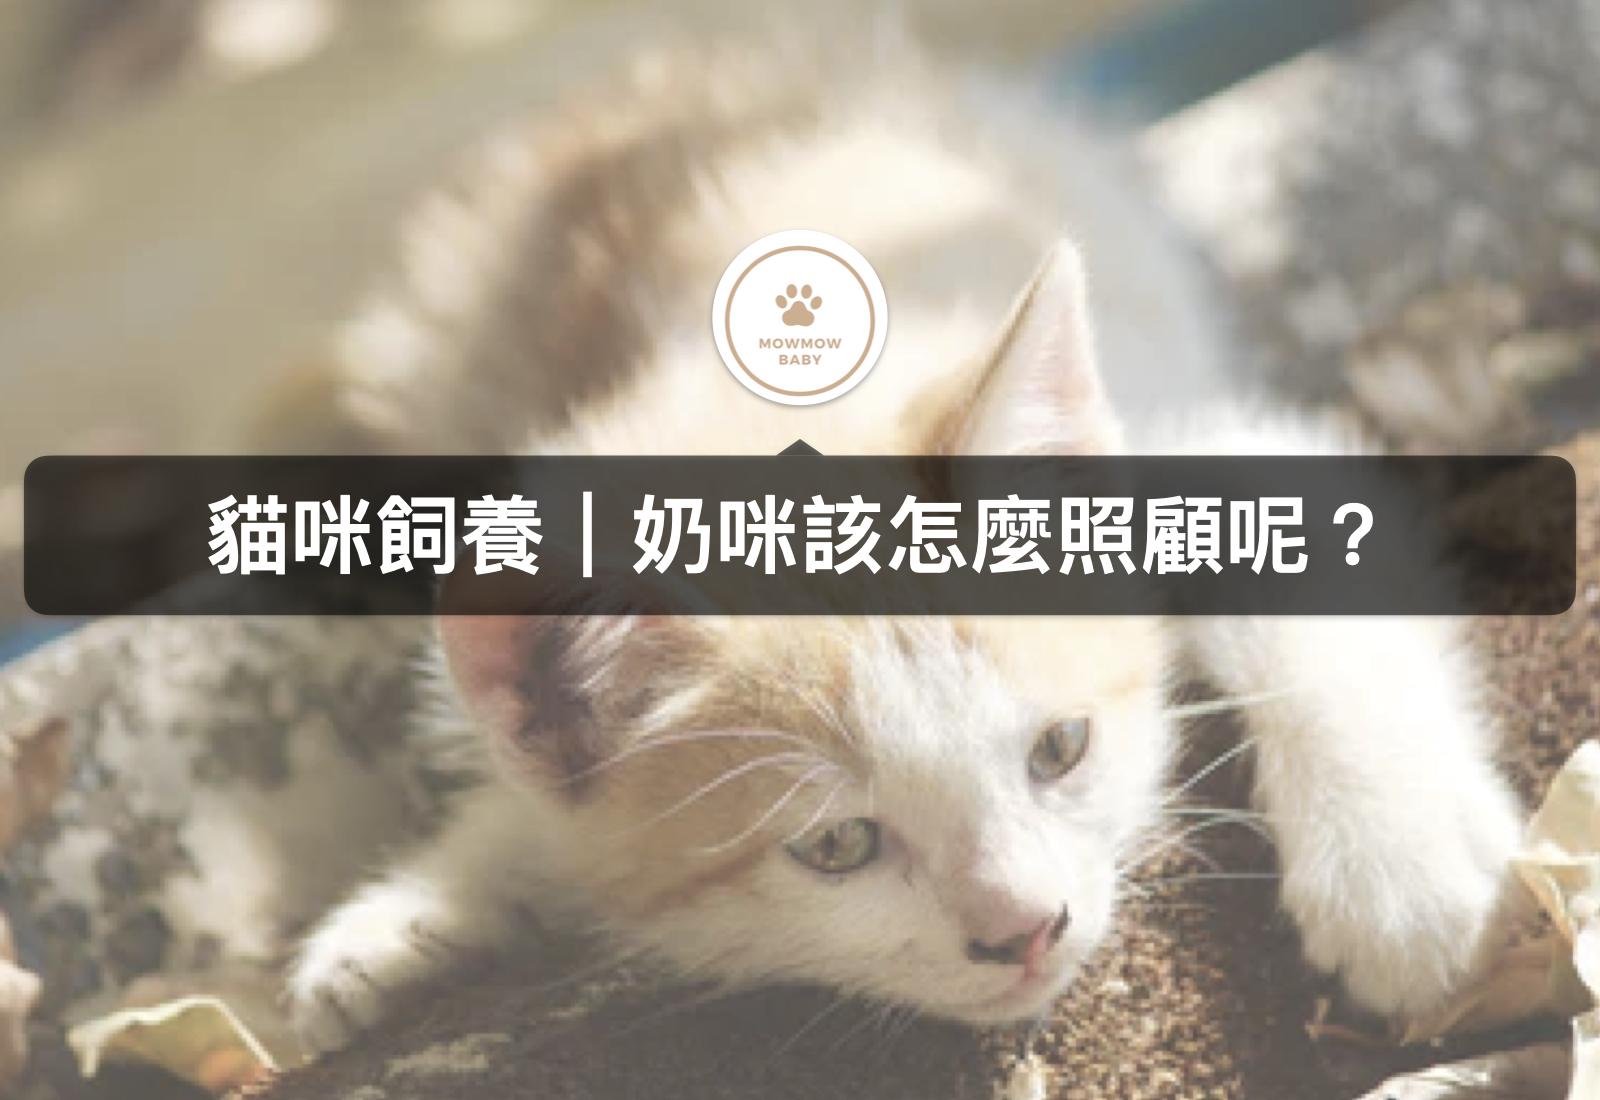 【飼養奶貓】奶貓照顧要特別注意什麼?